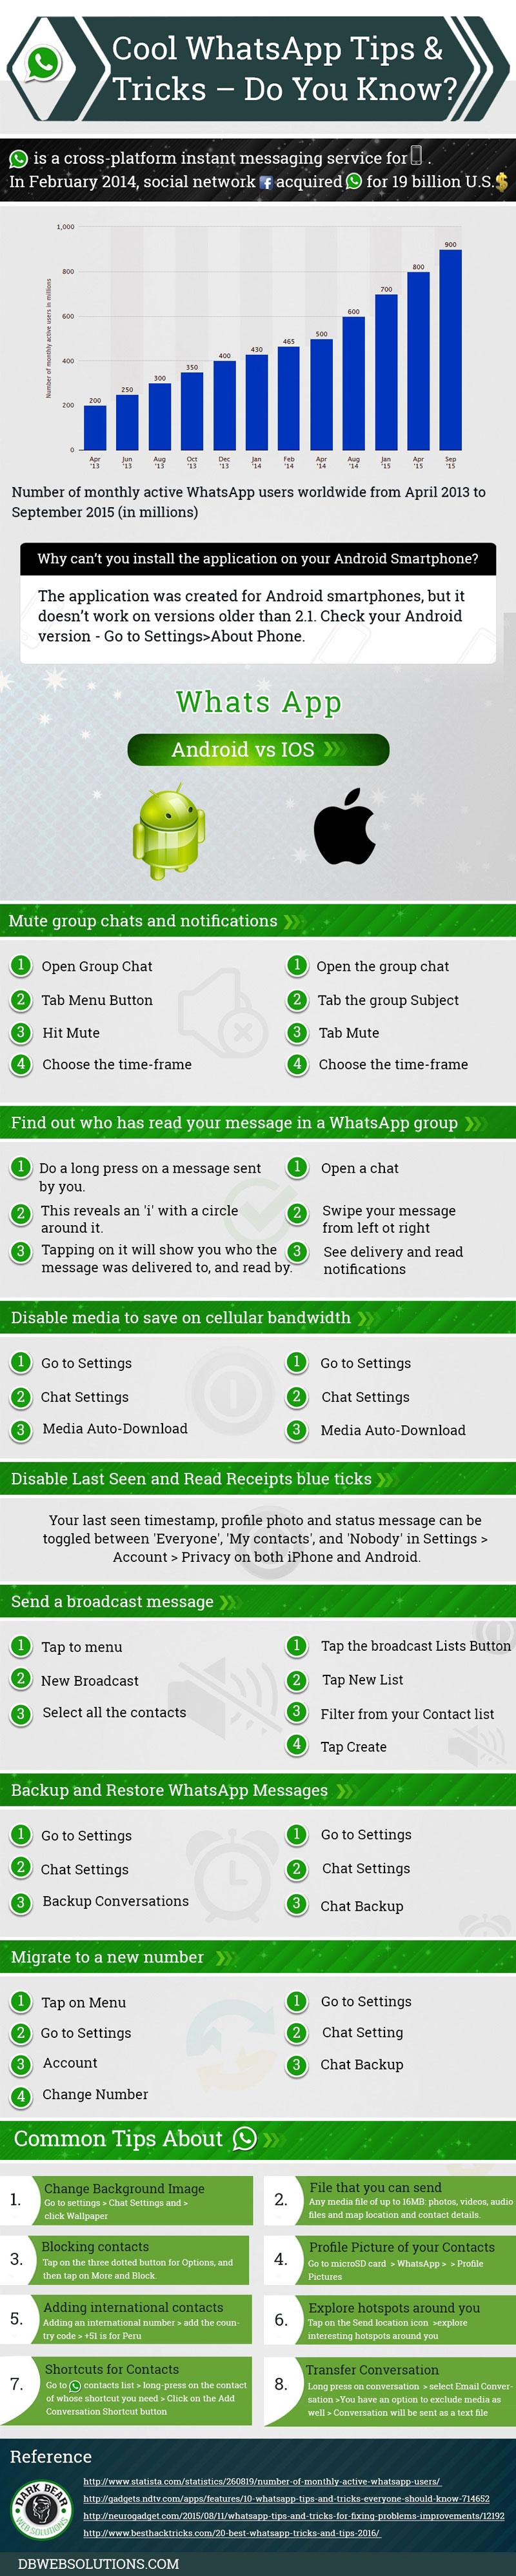 Whatsapp-Infographic